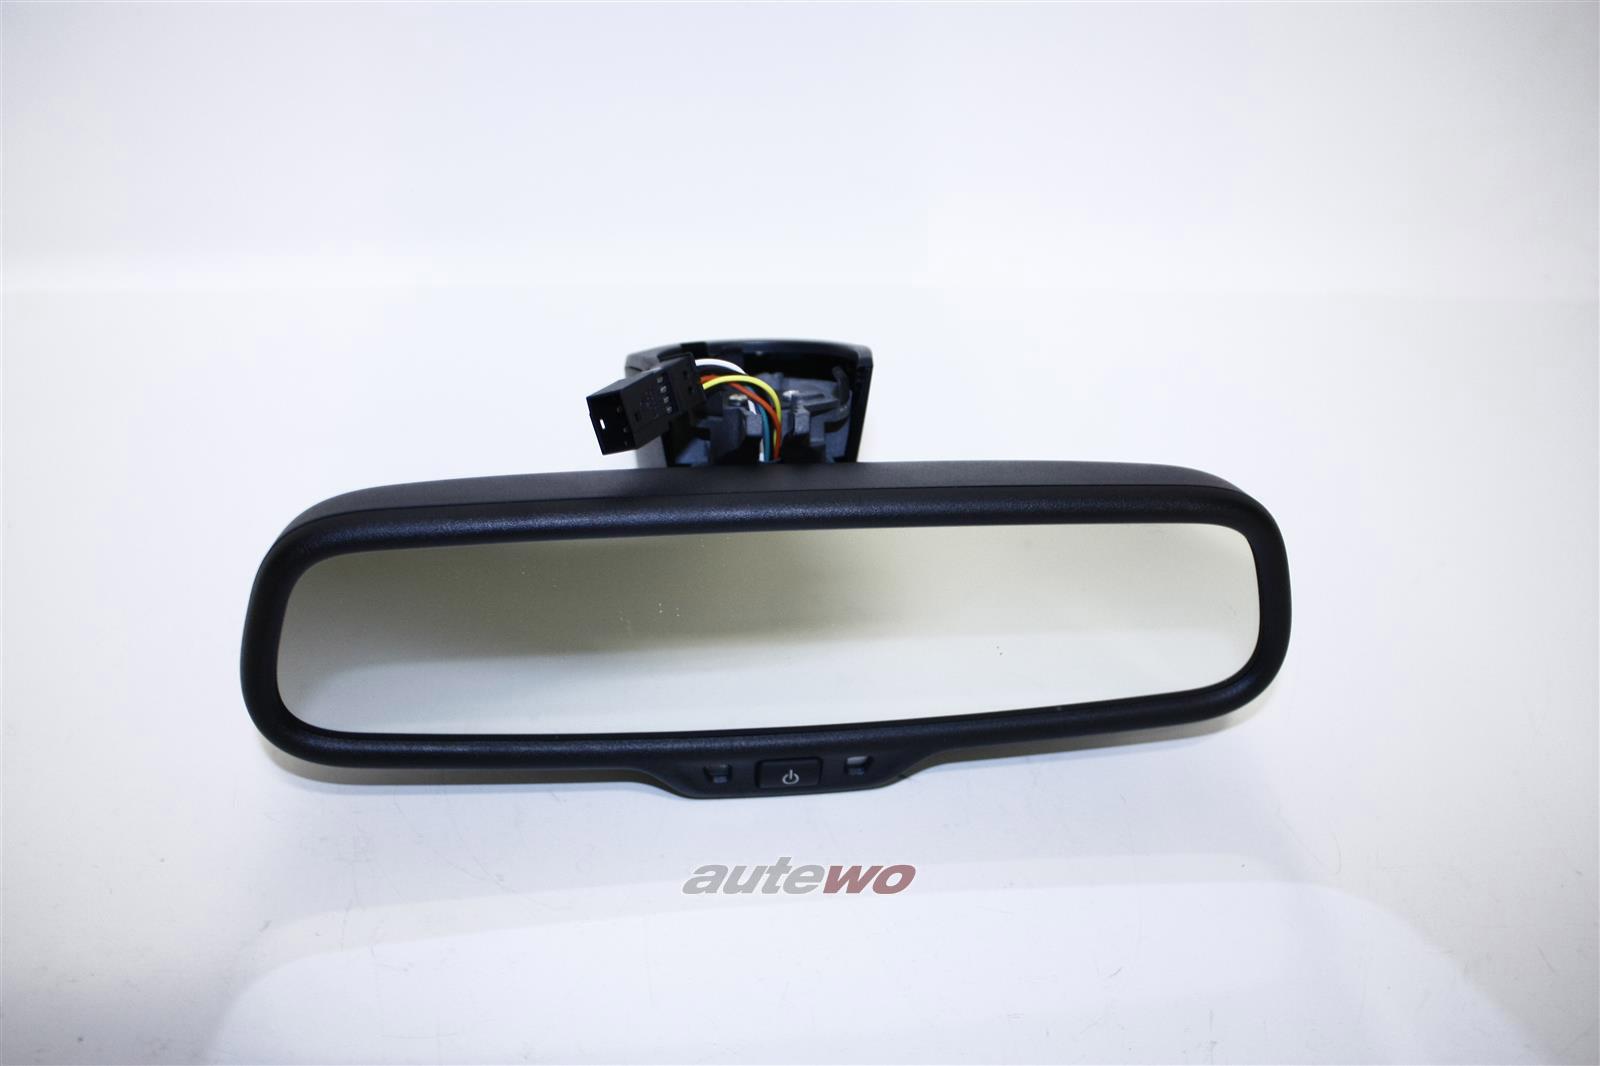 8K0857511B/D NEU Audi A4 8K/A5 8T/Q5 Innenspiegel abblendend Licht-/Regensensor